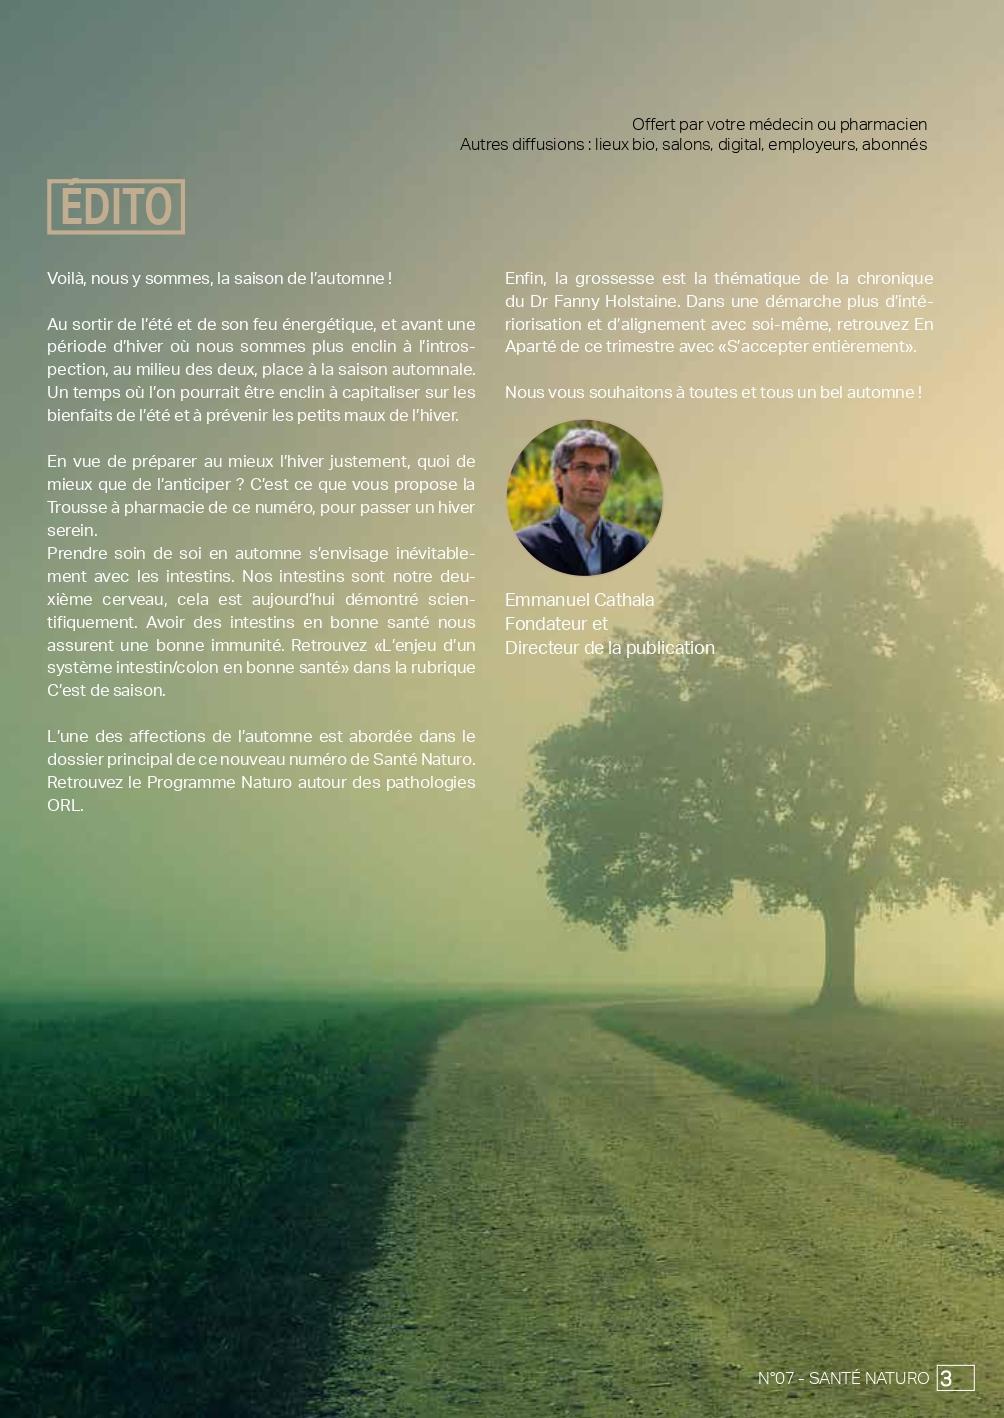 SANTE NATURO 08 DB Pages - santé naturelle intégrative - naturopathie - édito